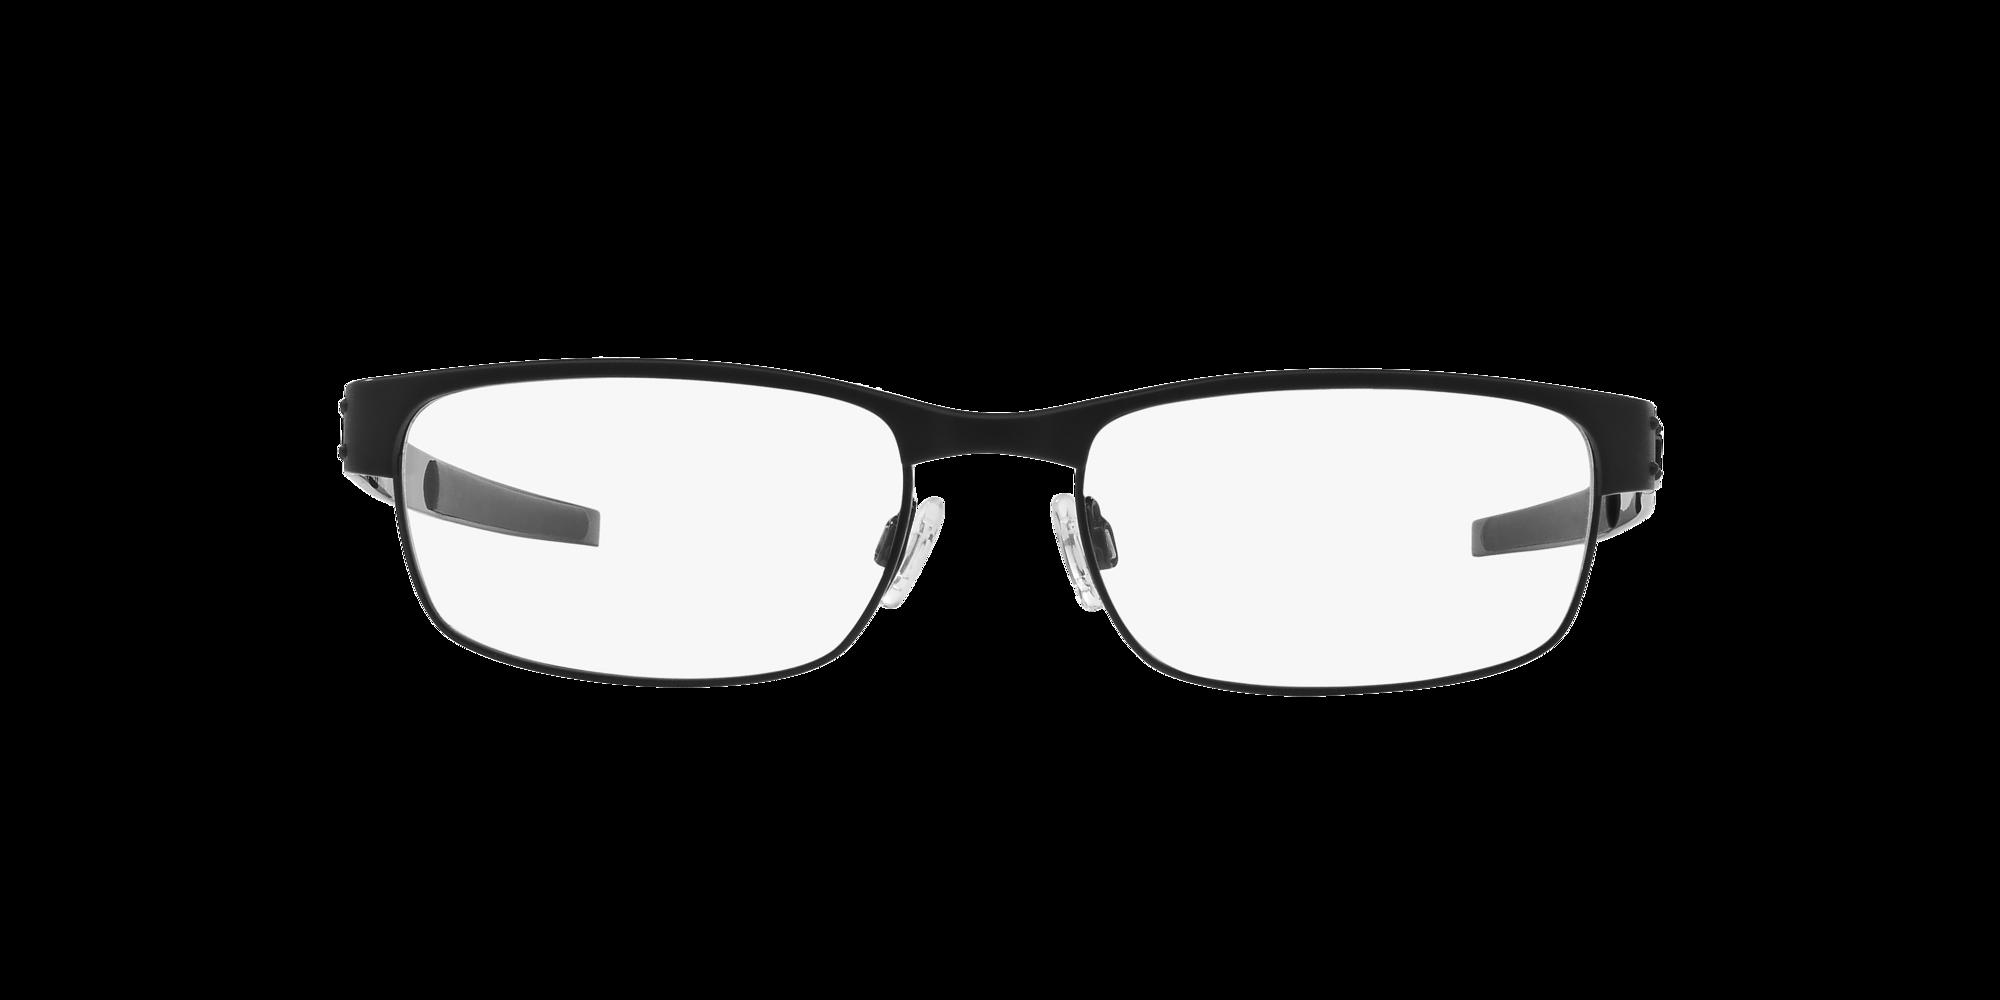 Imagen para OX5038 METAL PLATE de LensCrafters |  Espejuelos, espejuelos graduados en línea, gafas